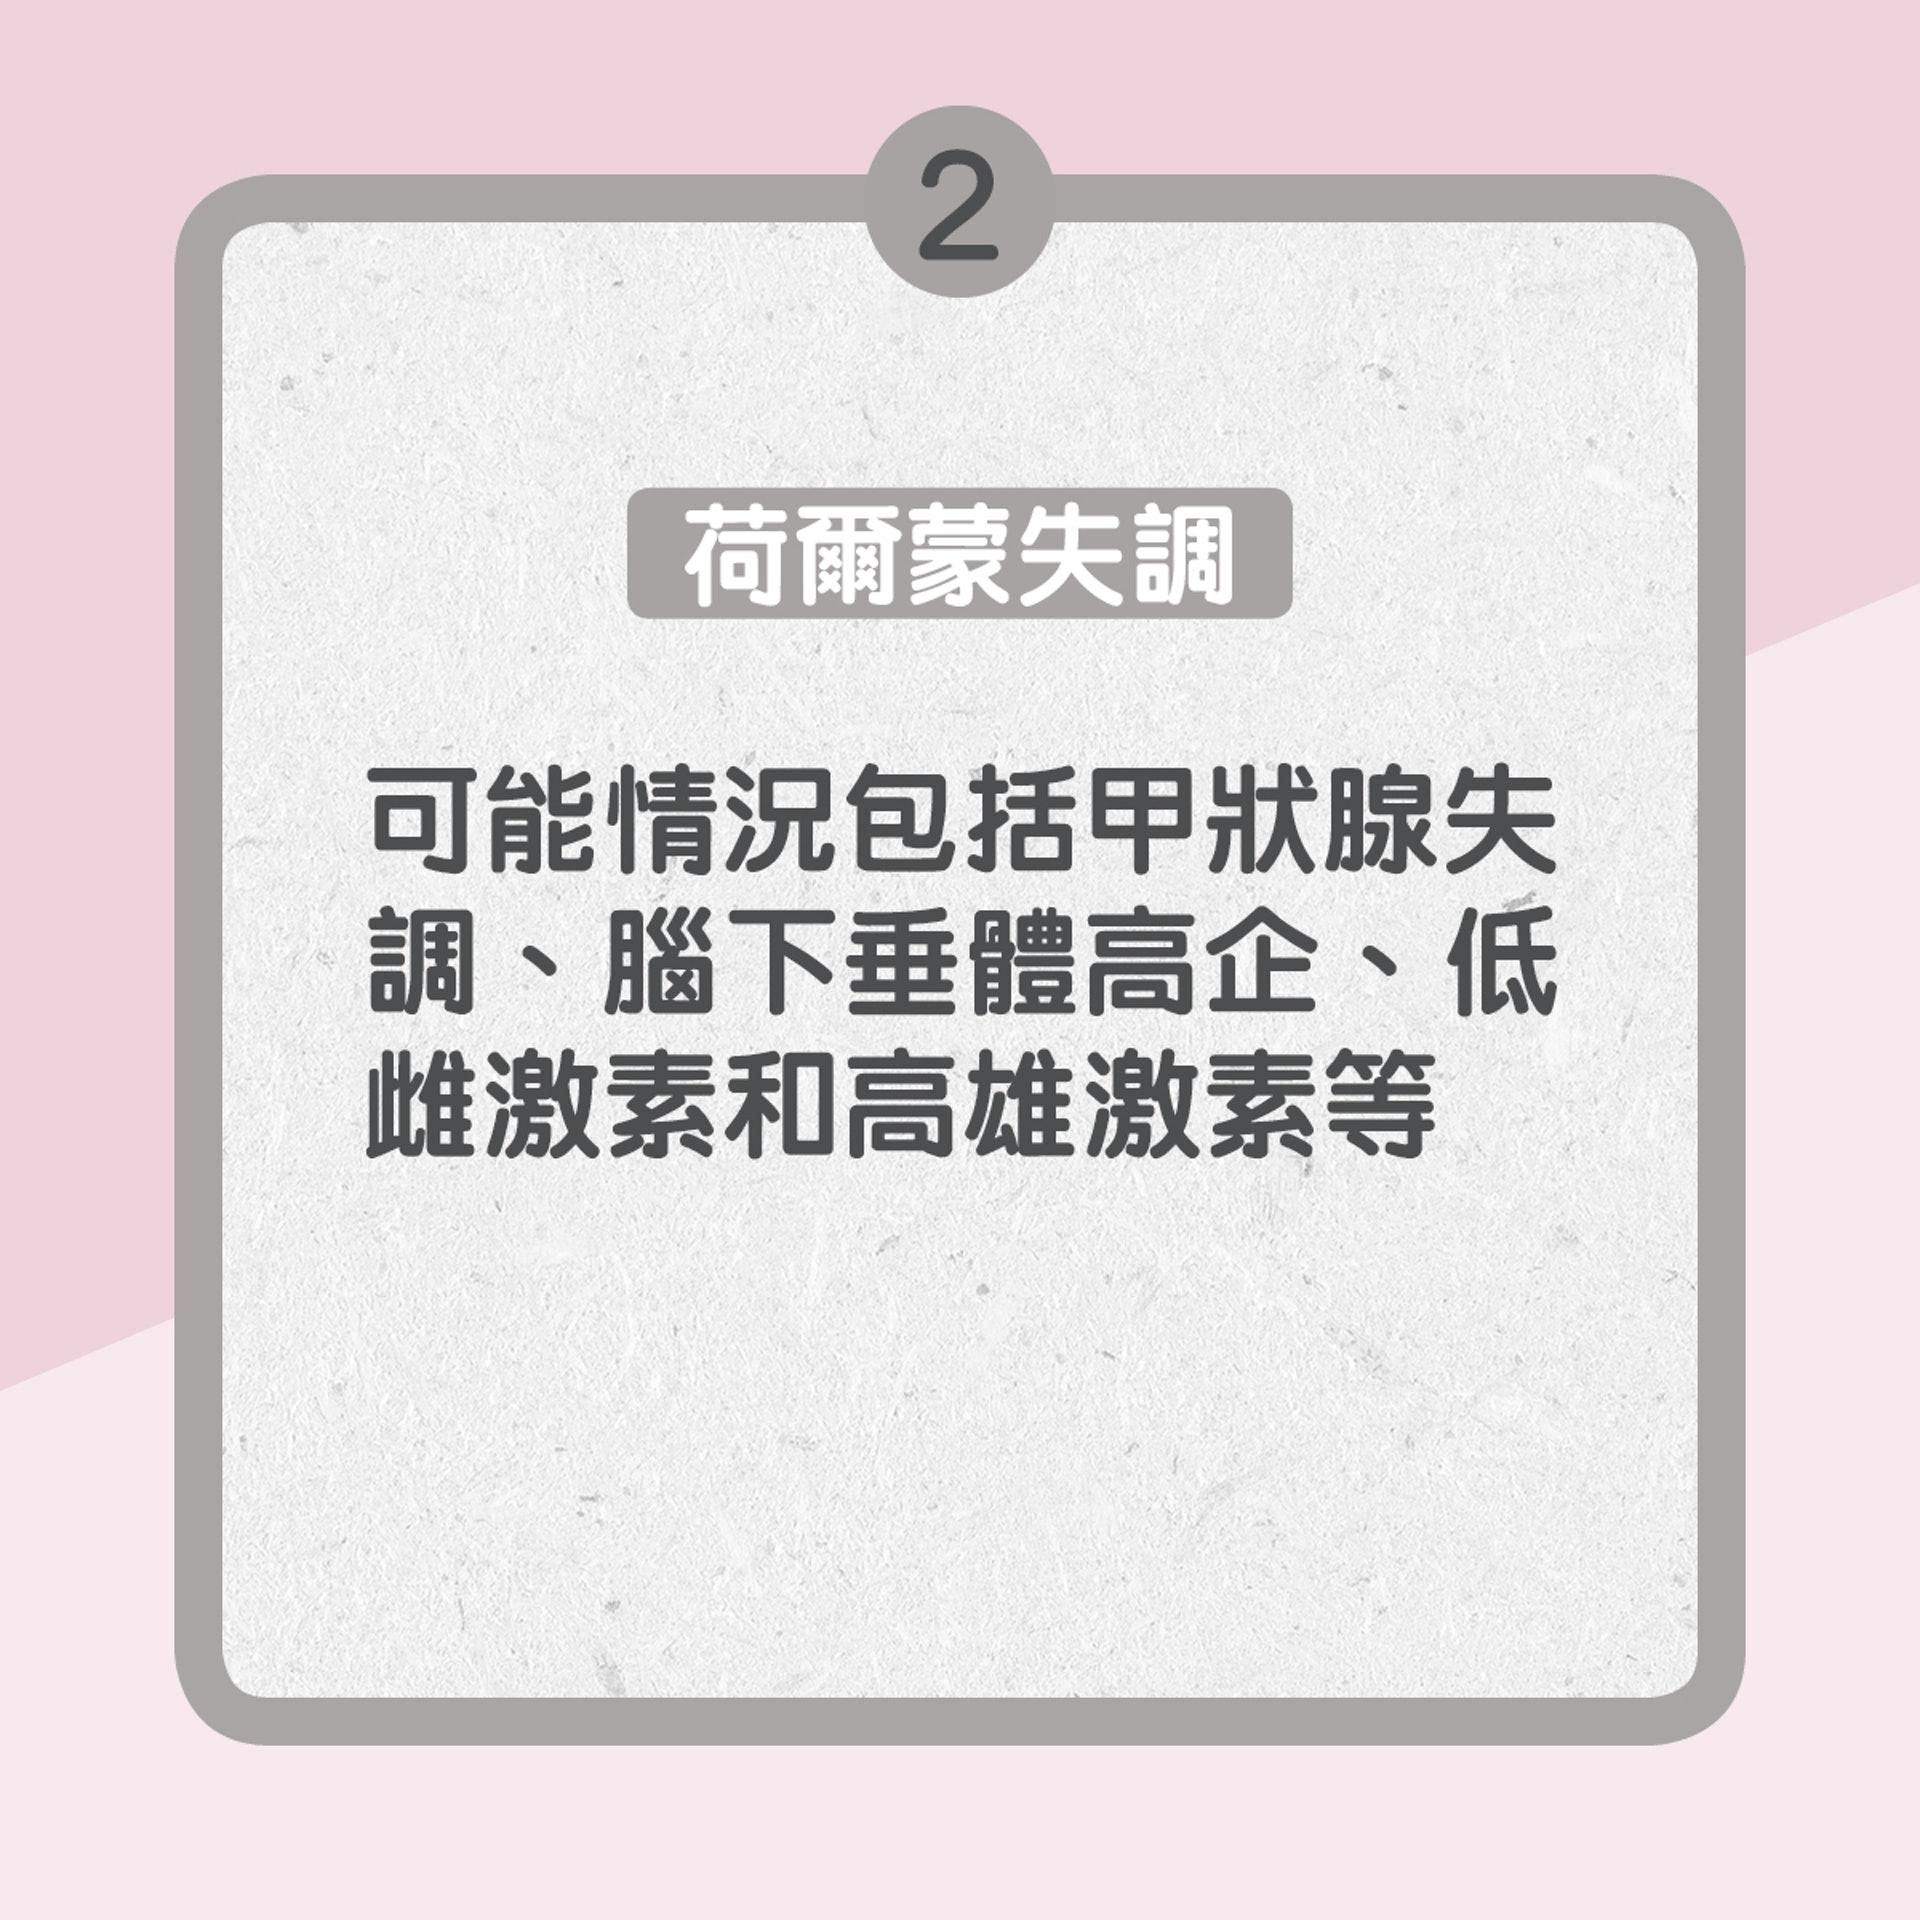 2. 荷爾蒙失調:可能情況包括甲狀腺失調、腦下垂體高企、低雌激素和高雄激素等(01製圖)